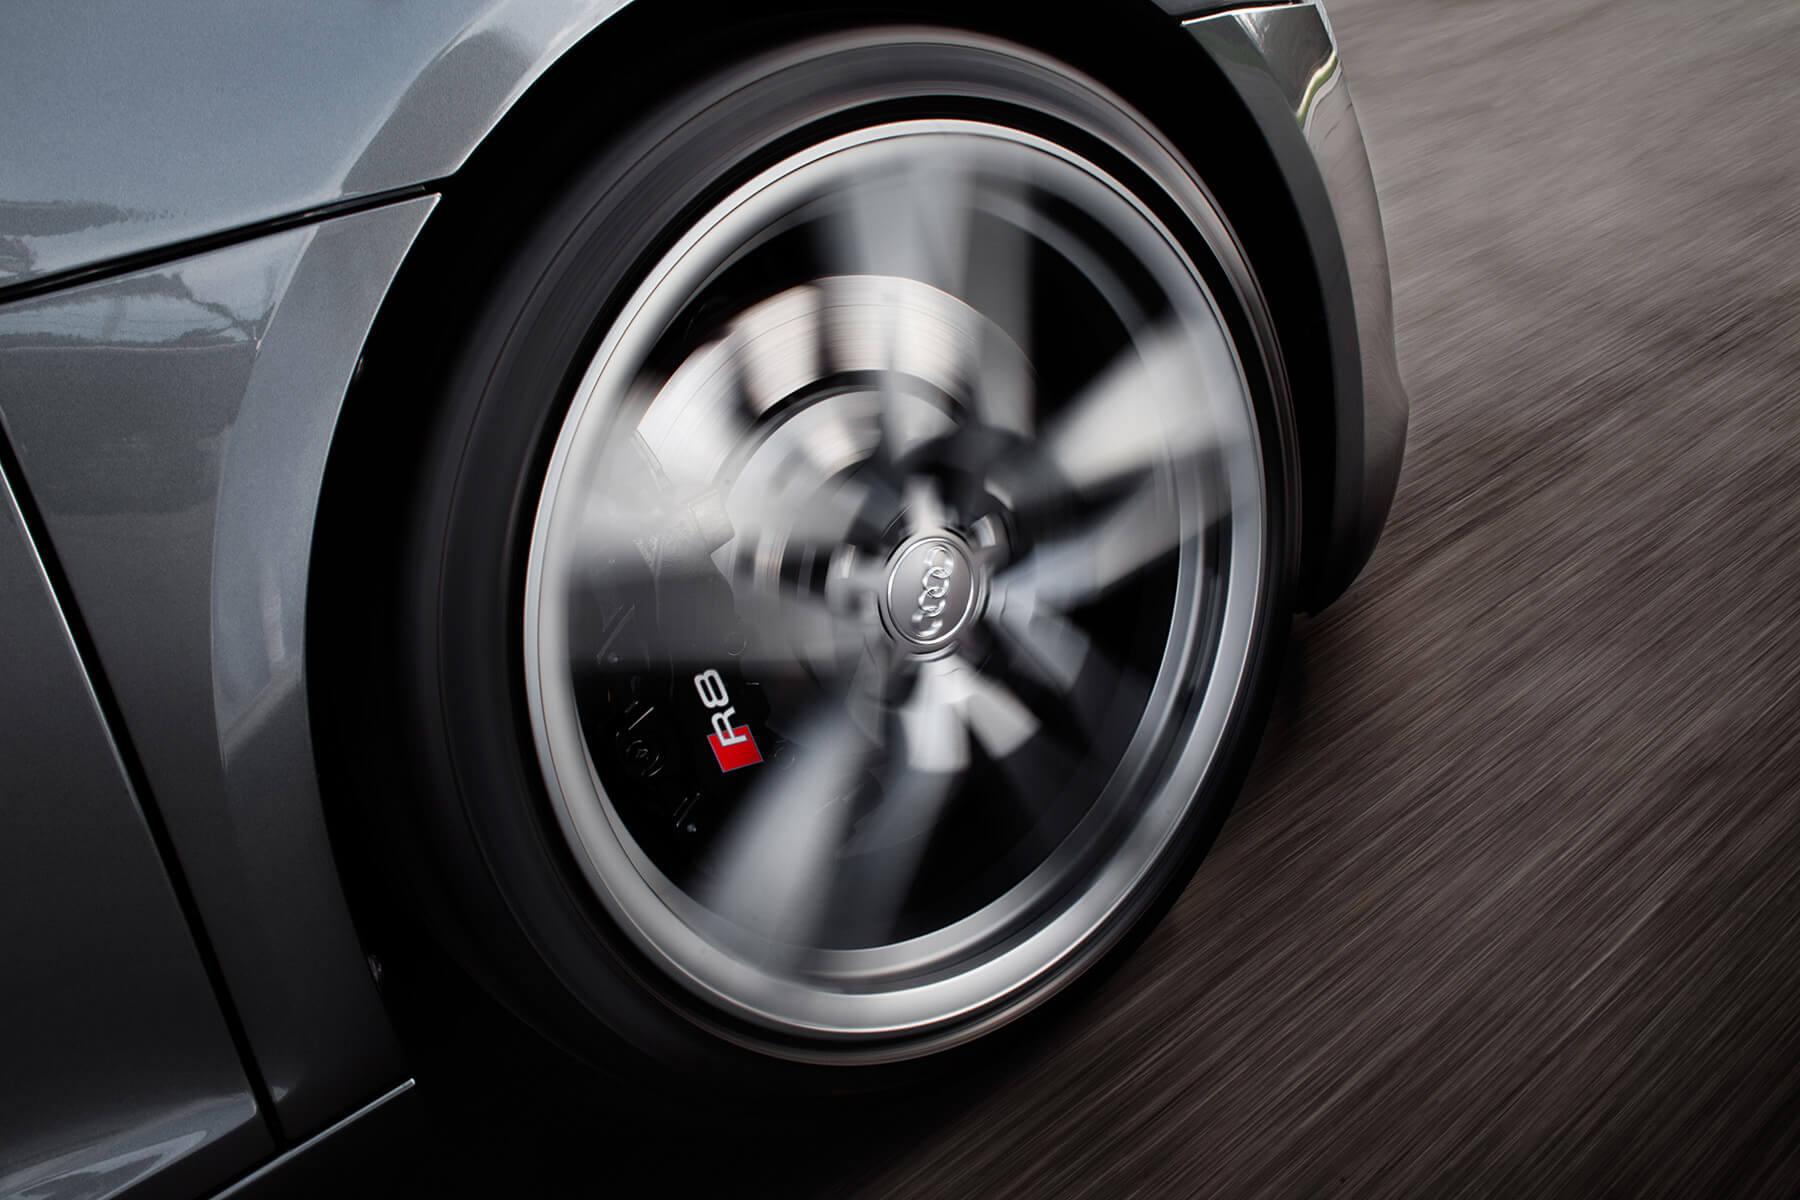 Audi R8 V10 Spyder front rim